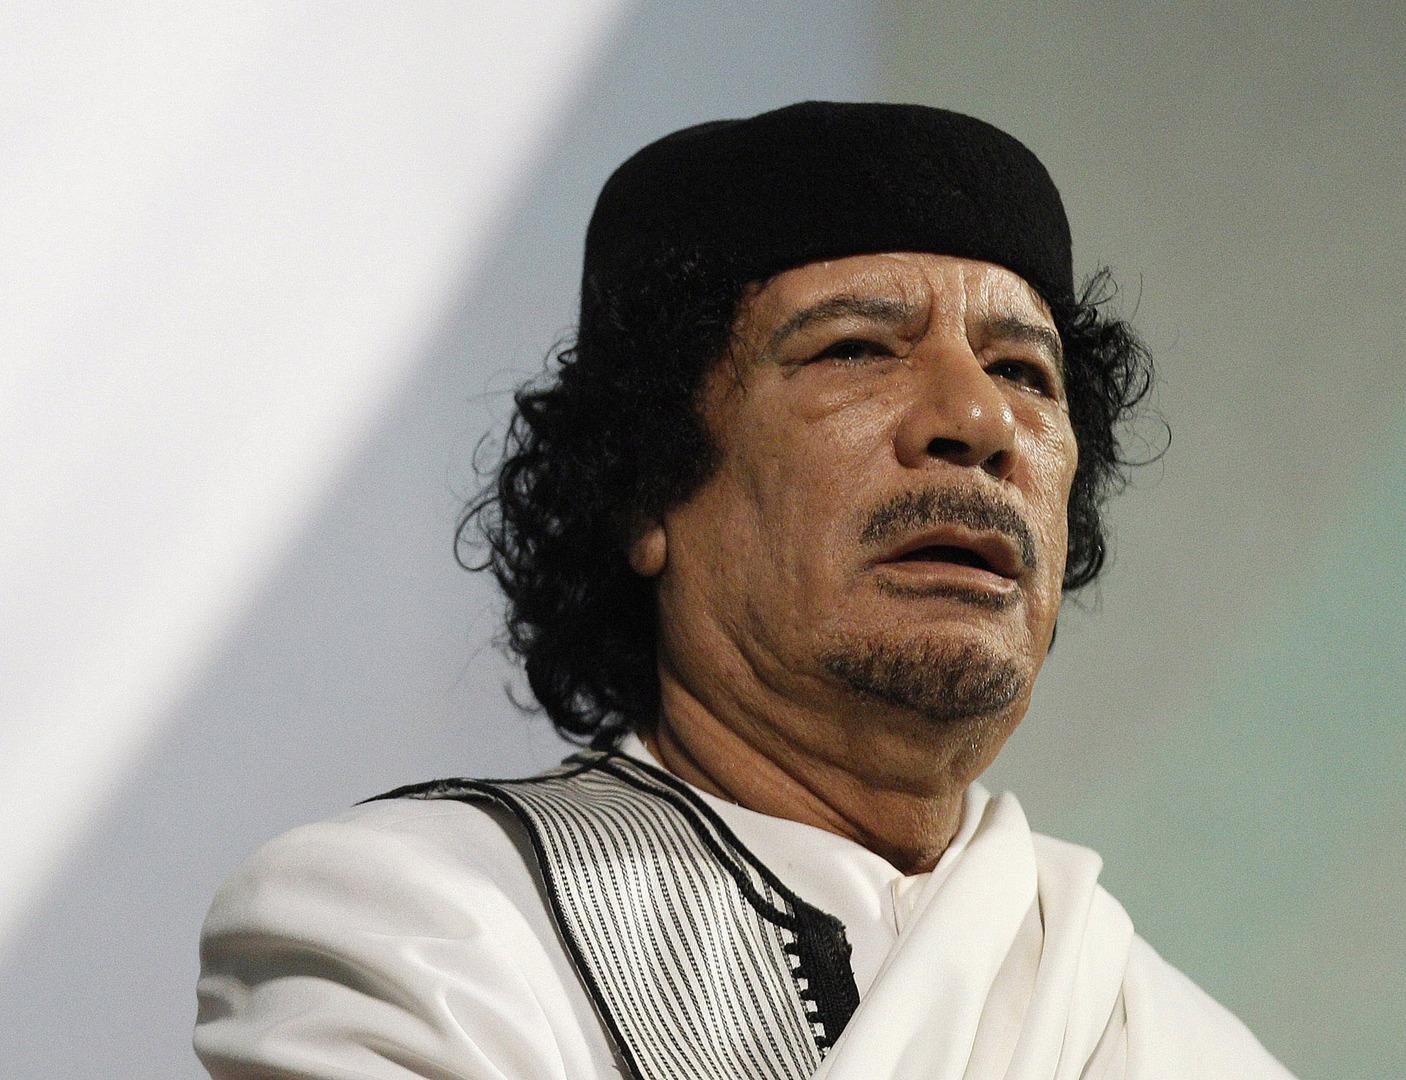 على هامش الذكرى الـ 9 لأحداث 17 فبراير في ليبيا..